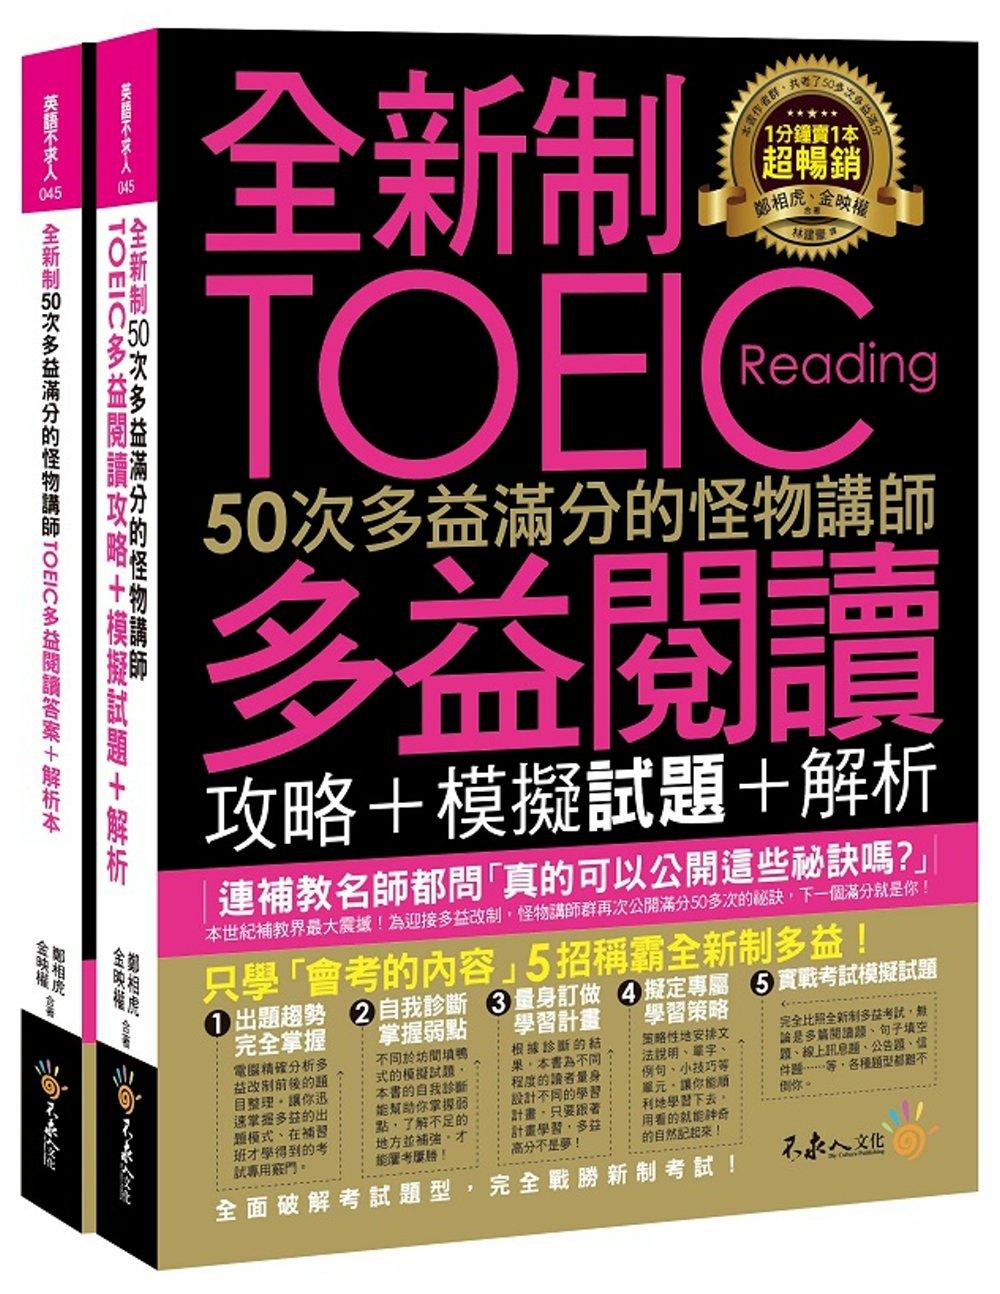 ◤博客來BOOKS◢ 暢銷書榜《推薦》全新制50次多益滿分的怪物講師TOEIC多益閱讀攻略+模擬試題+解析(2書+防水書套)